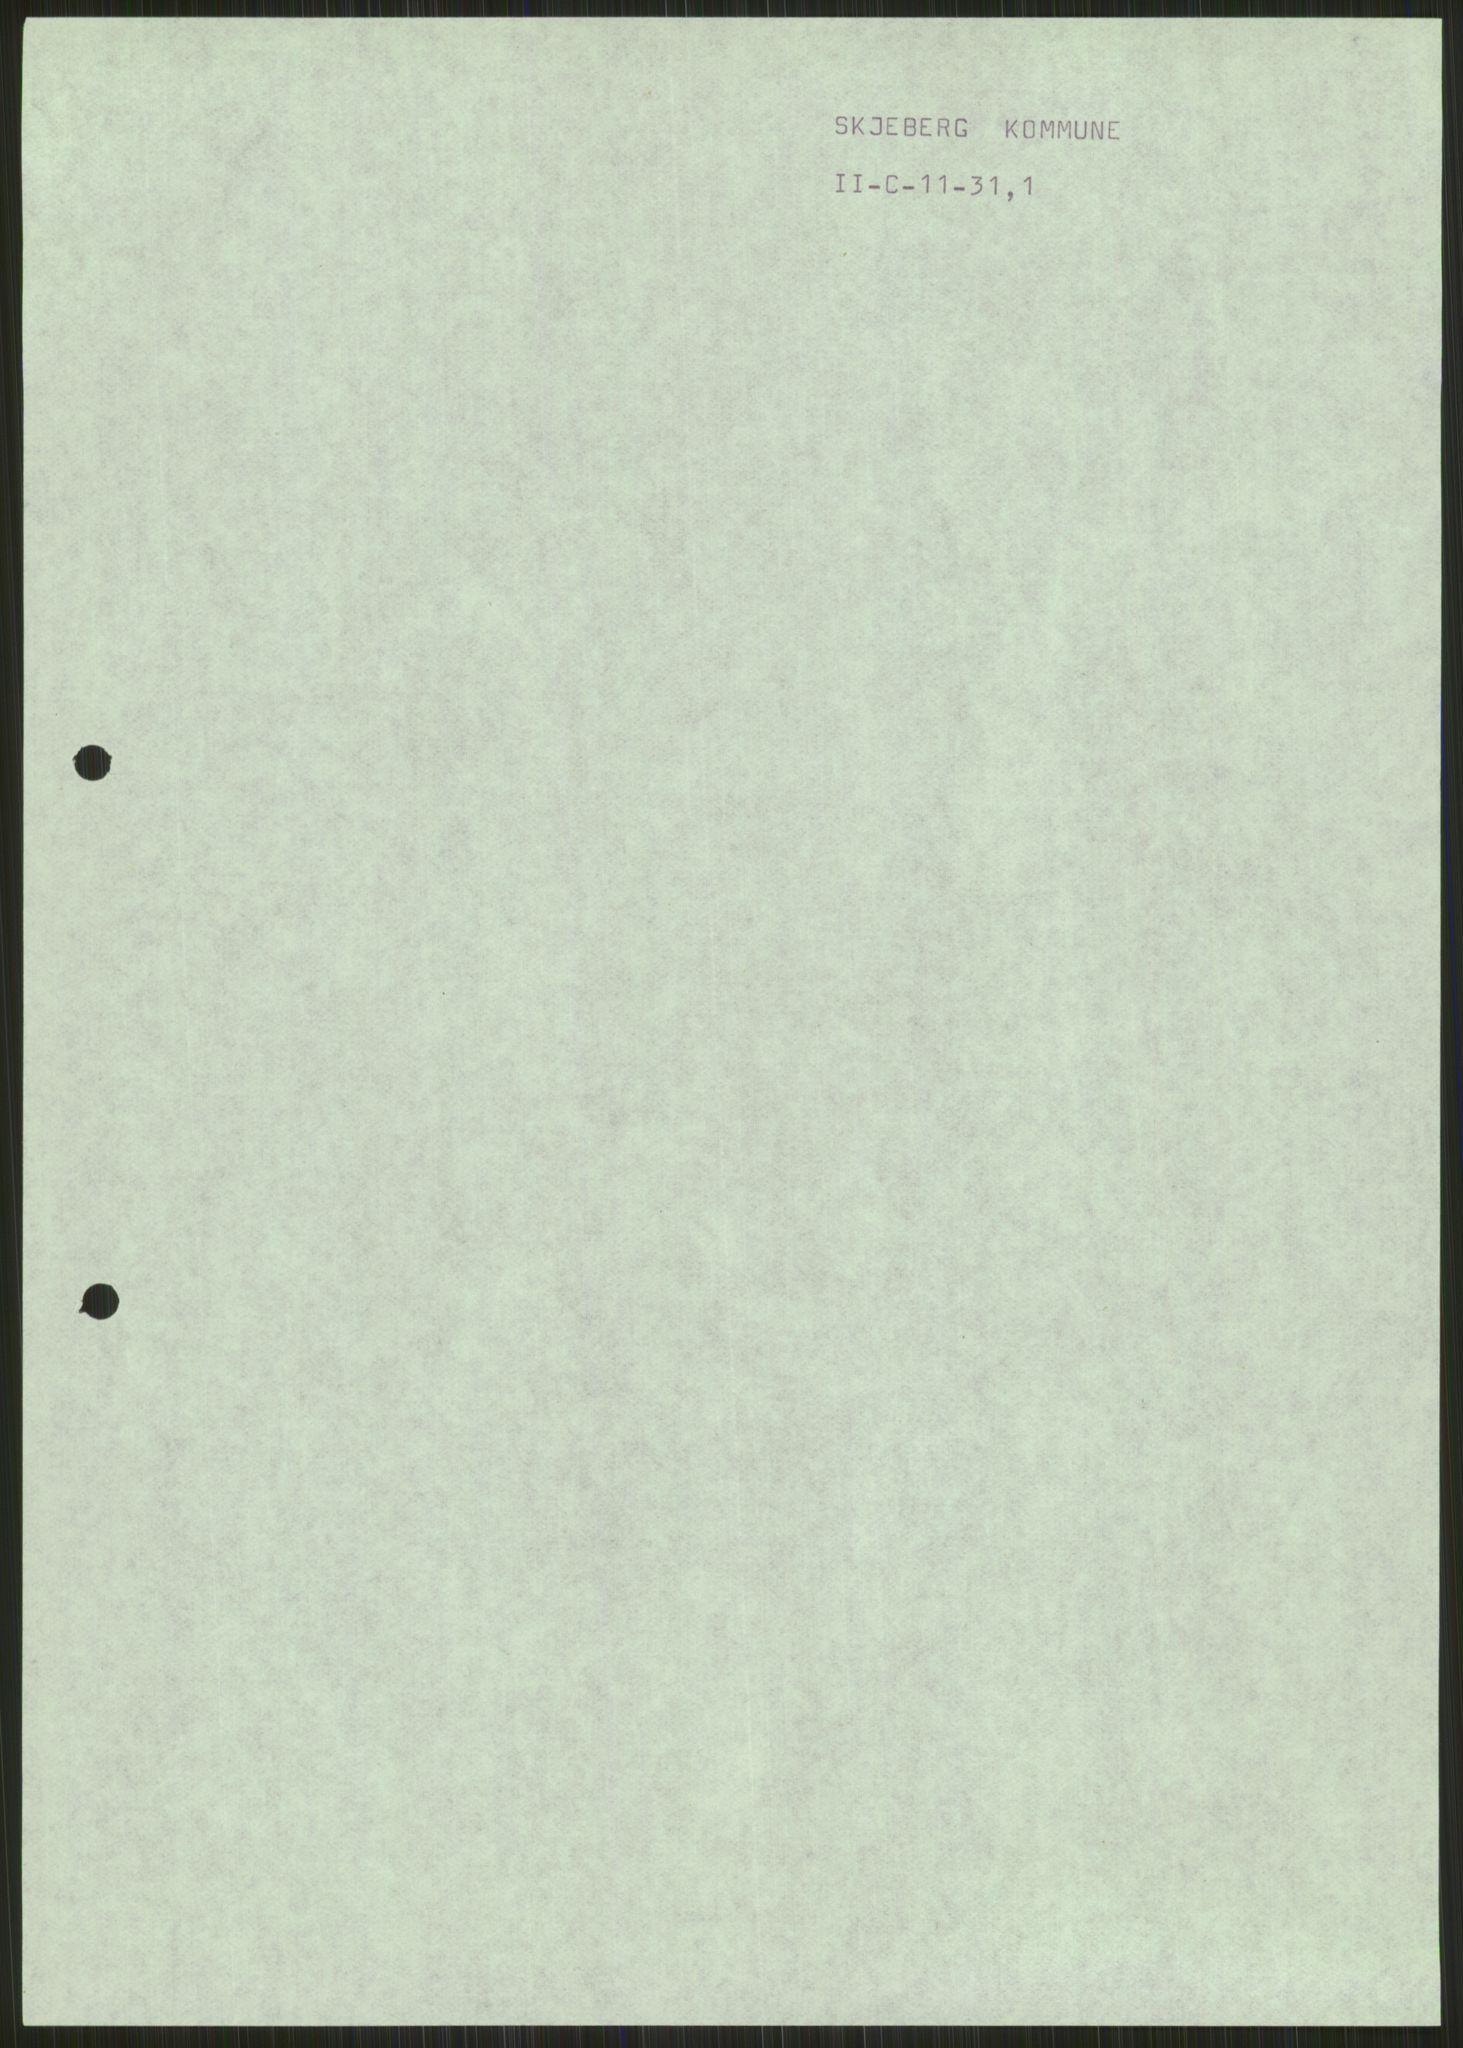 RA, Forsvaret, Forsvarets krigshistoriske avdeling, Y/Ya/L0013: II-C-11-31 - Fylkesmenn.  Rapporter om krigsbegivenhetene 1940., 1940, s. 176